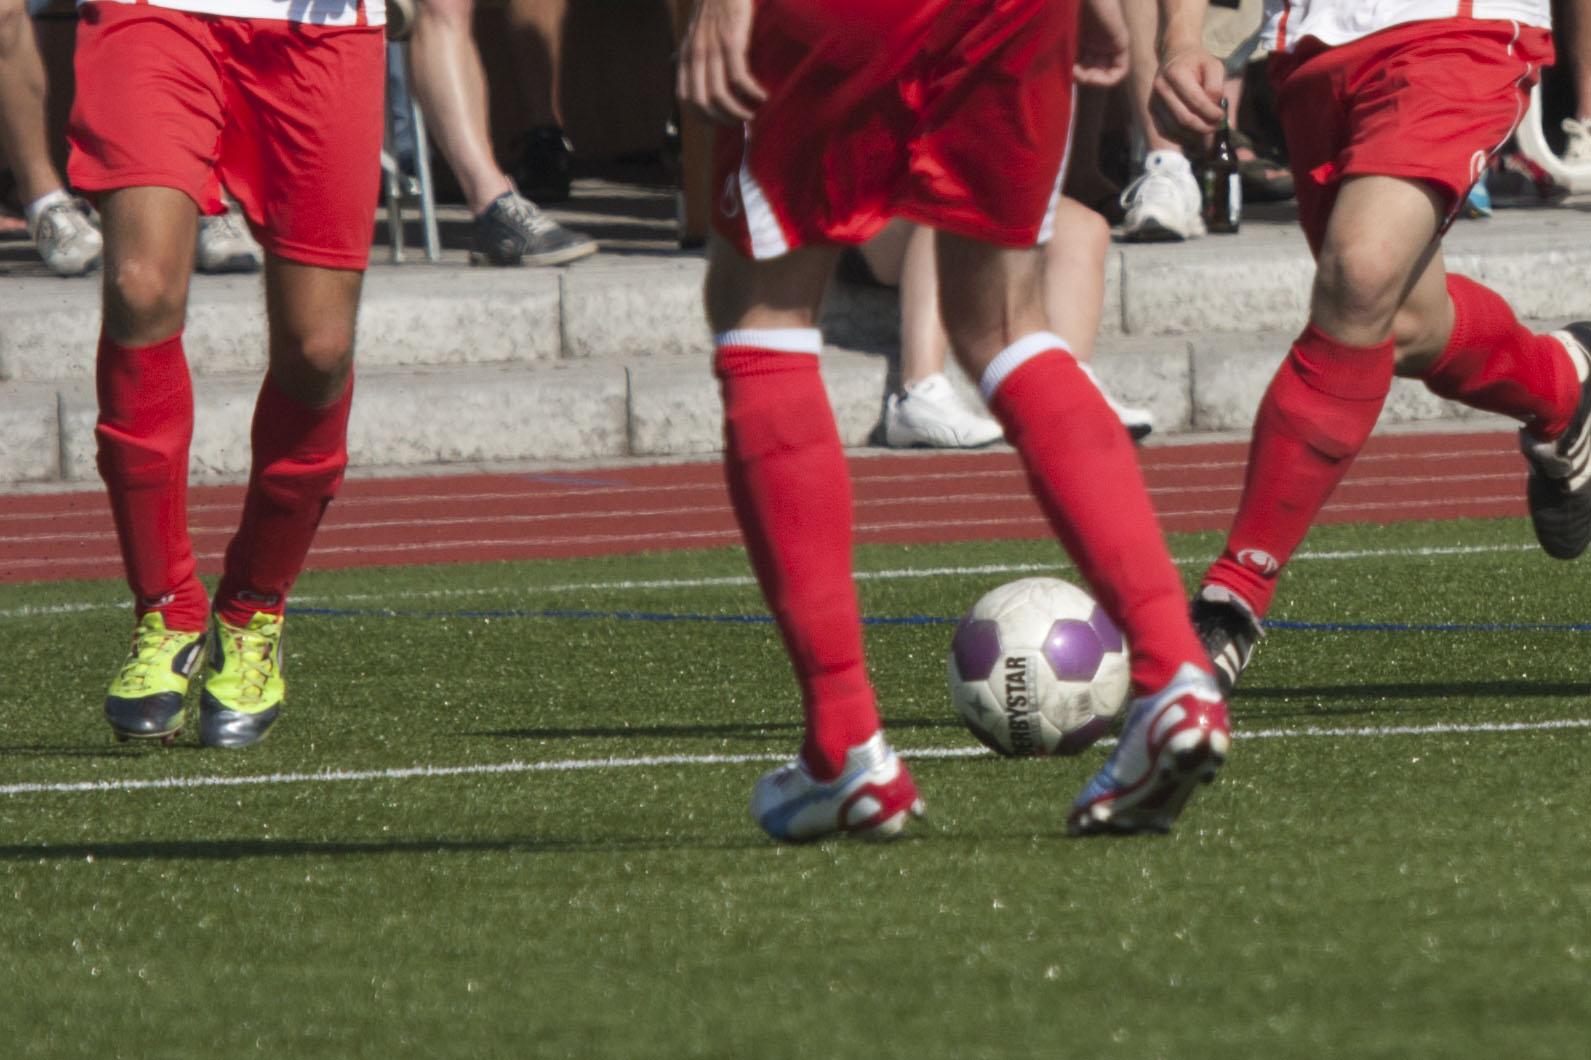 Fußballkreises WW-Sieg - Staffeleinteilung steht